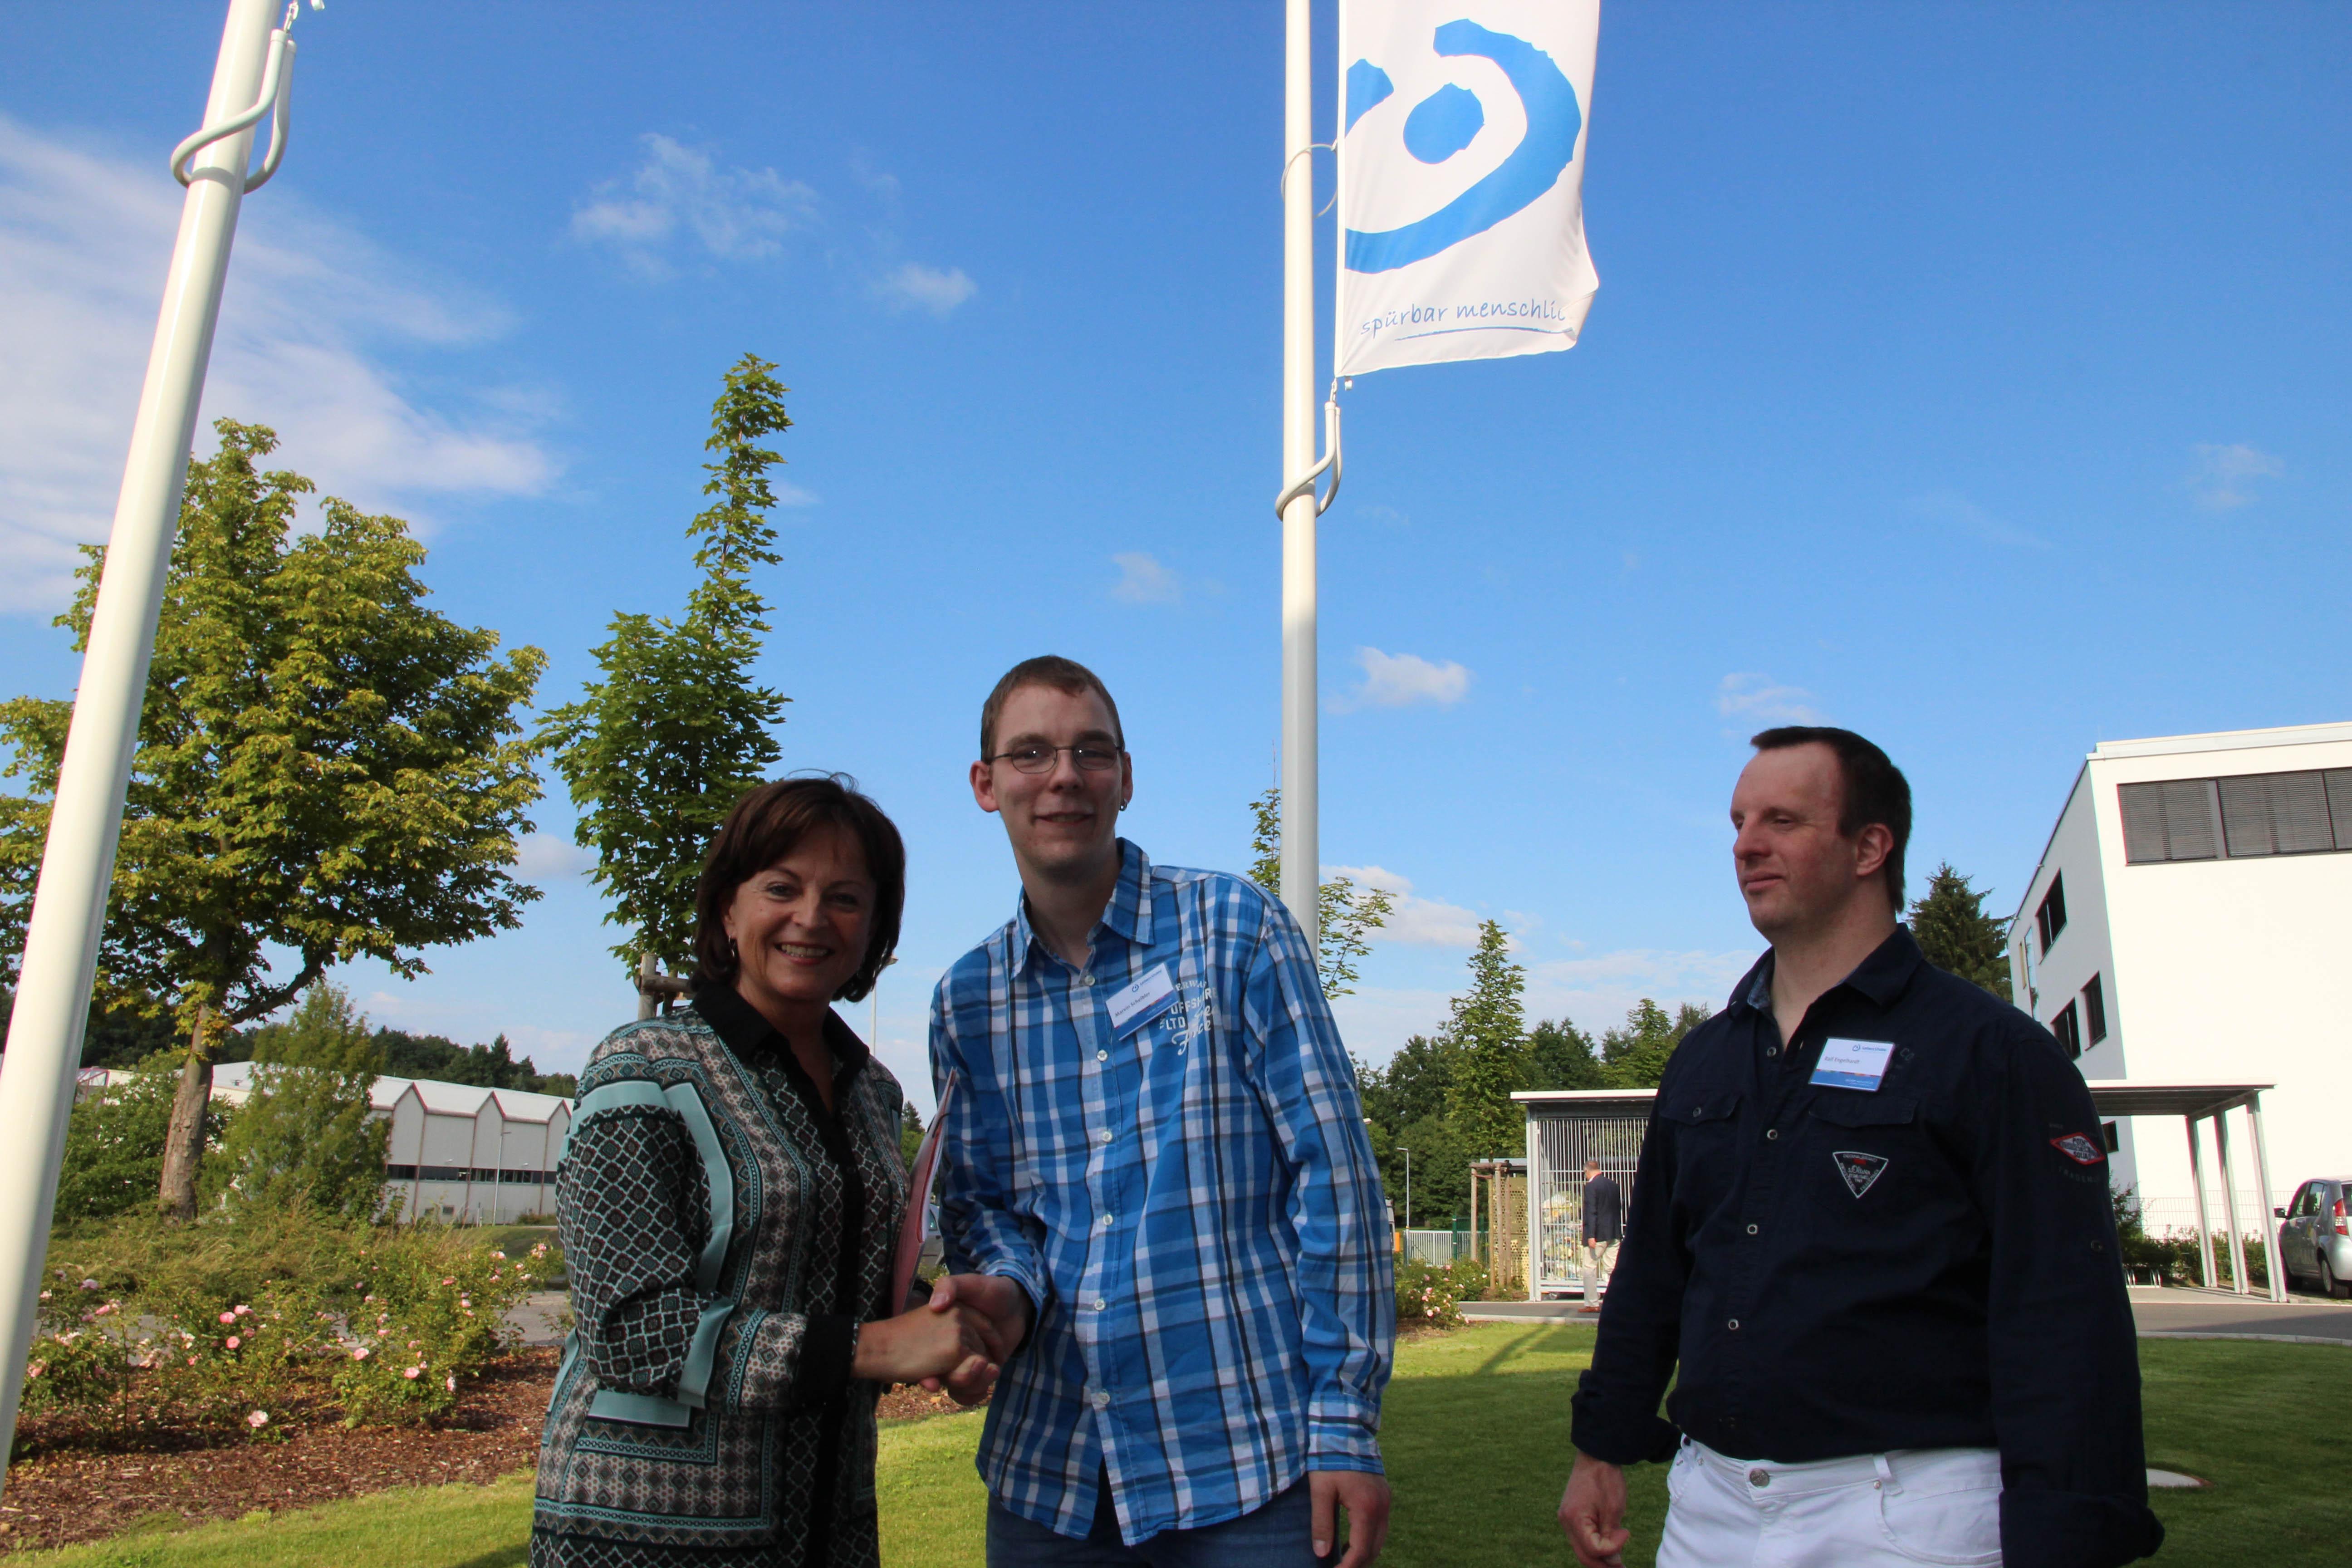 Große Freude über politschen Besuch: Marlene Mortler, MdB mit den IWW-Bewohnervertretern Marvin Schreibler und Ralf Engelhardt